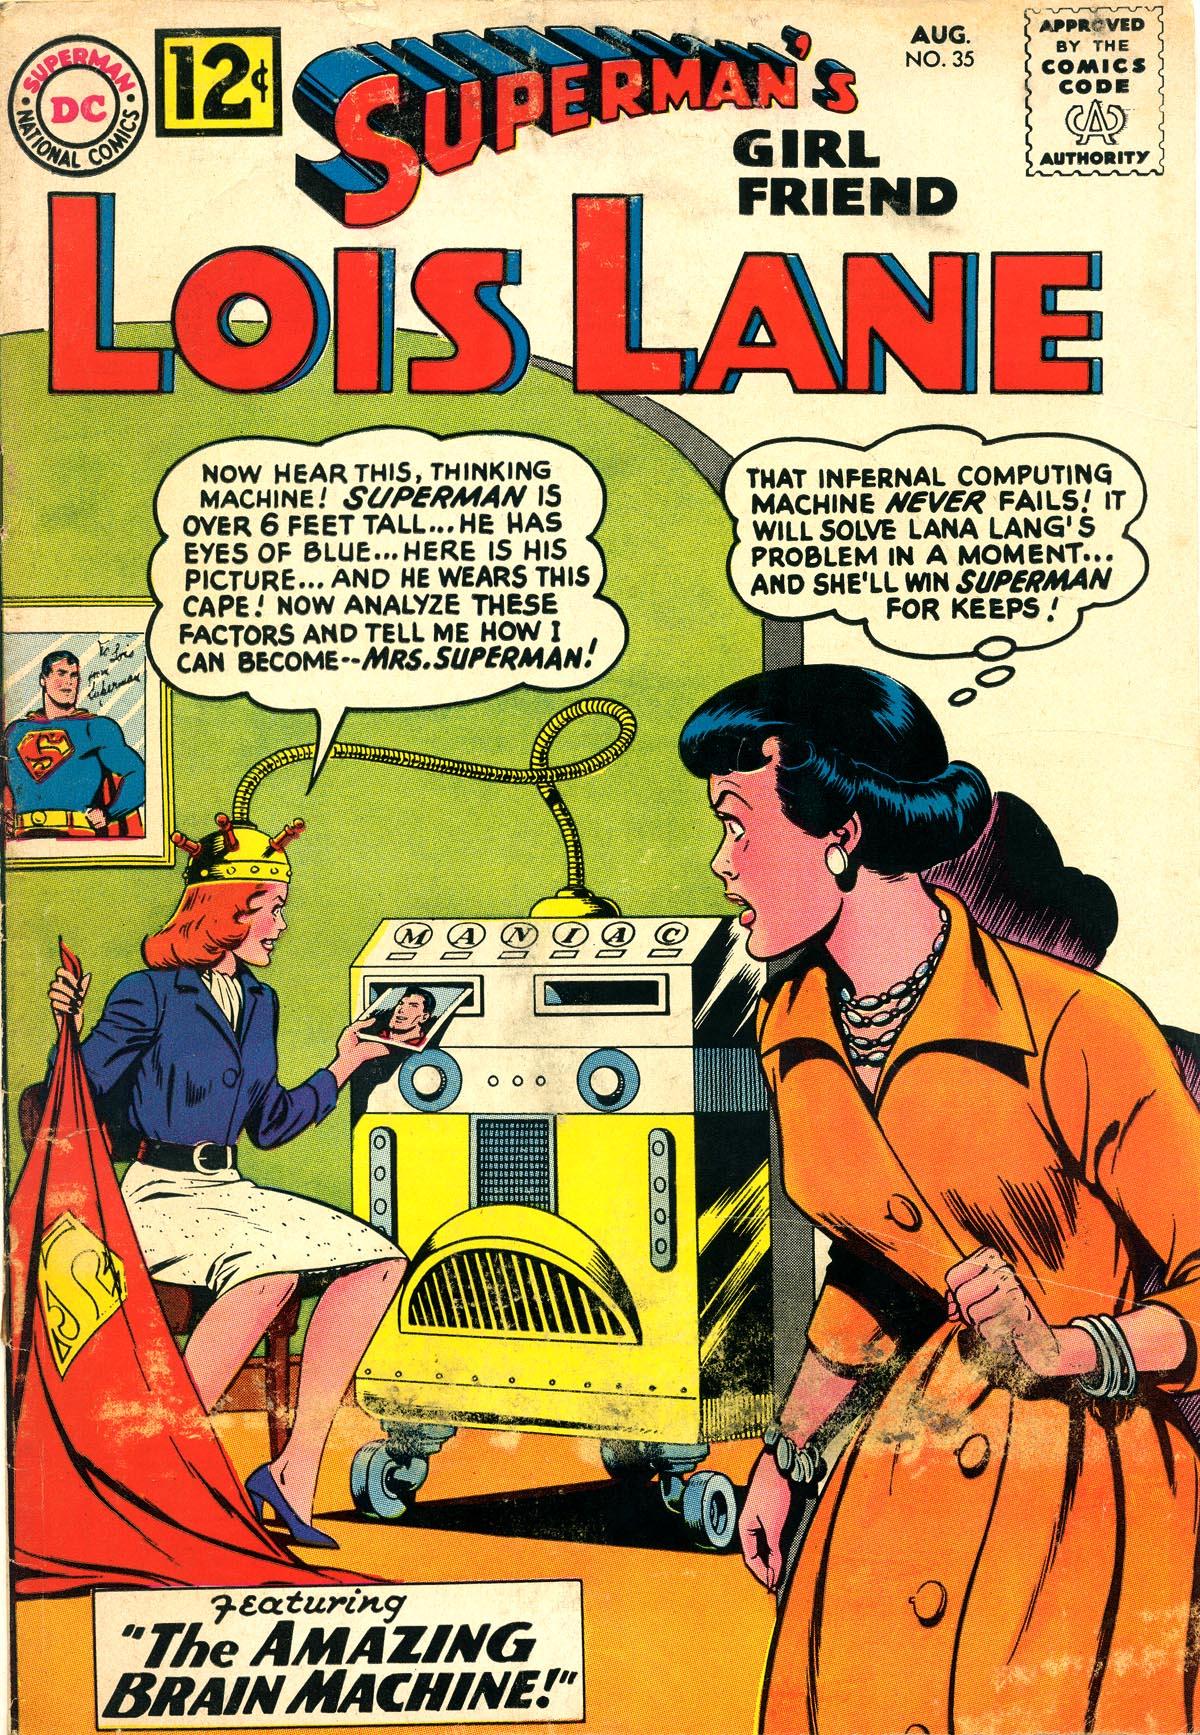 Supermans Girl Friend, Lois Lane 35 Page 1